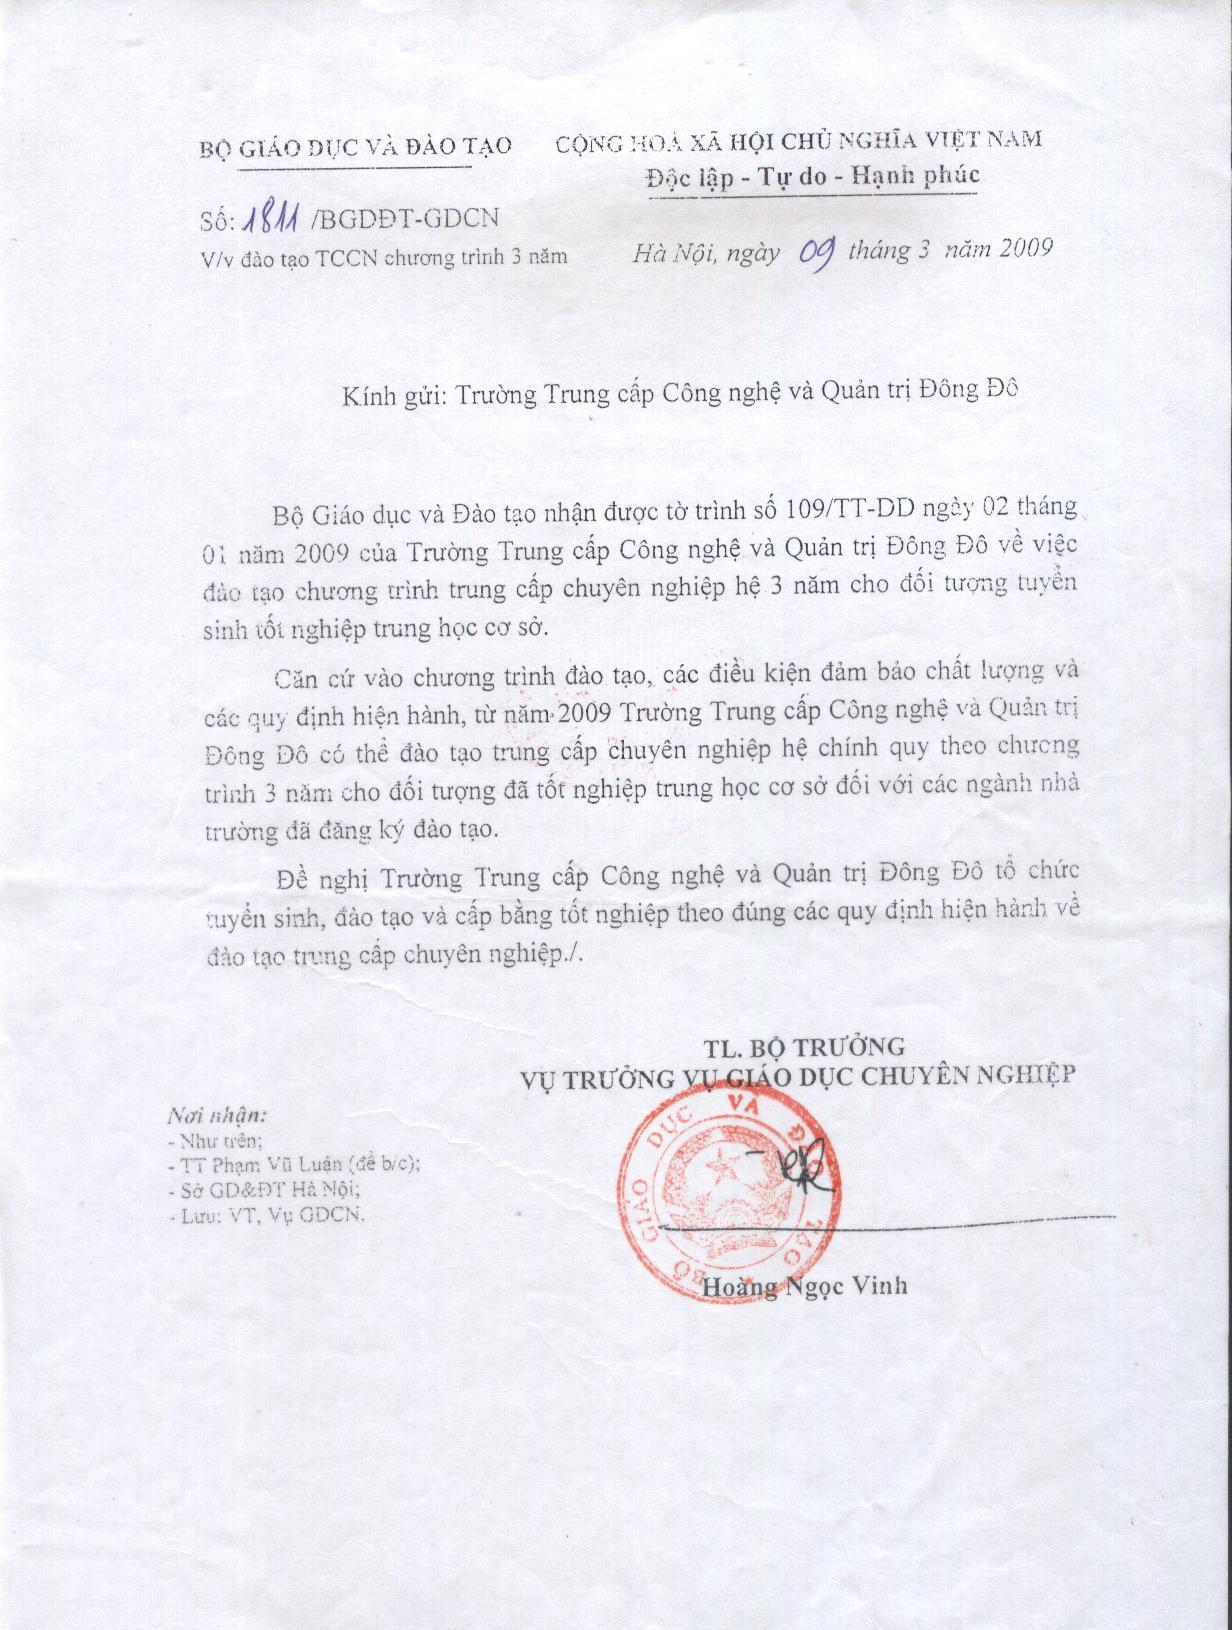 so-1811-bgddt-gdcn-vv-dao-tao-tccn-chuong-trinh-3-nam